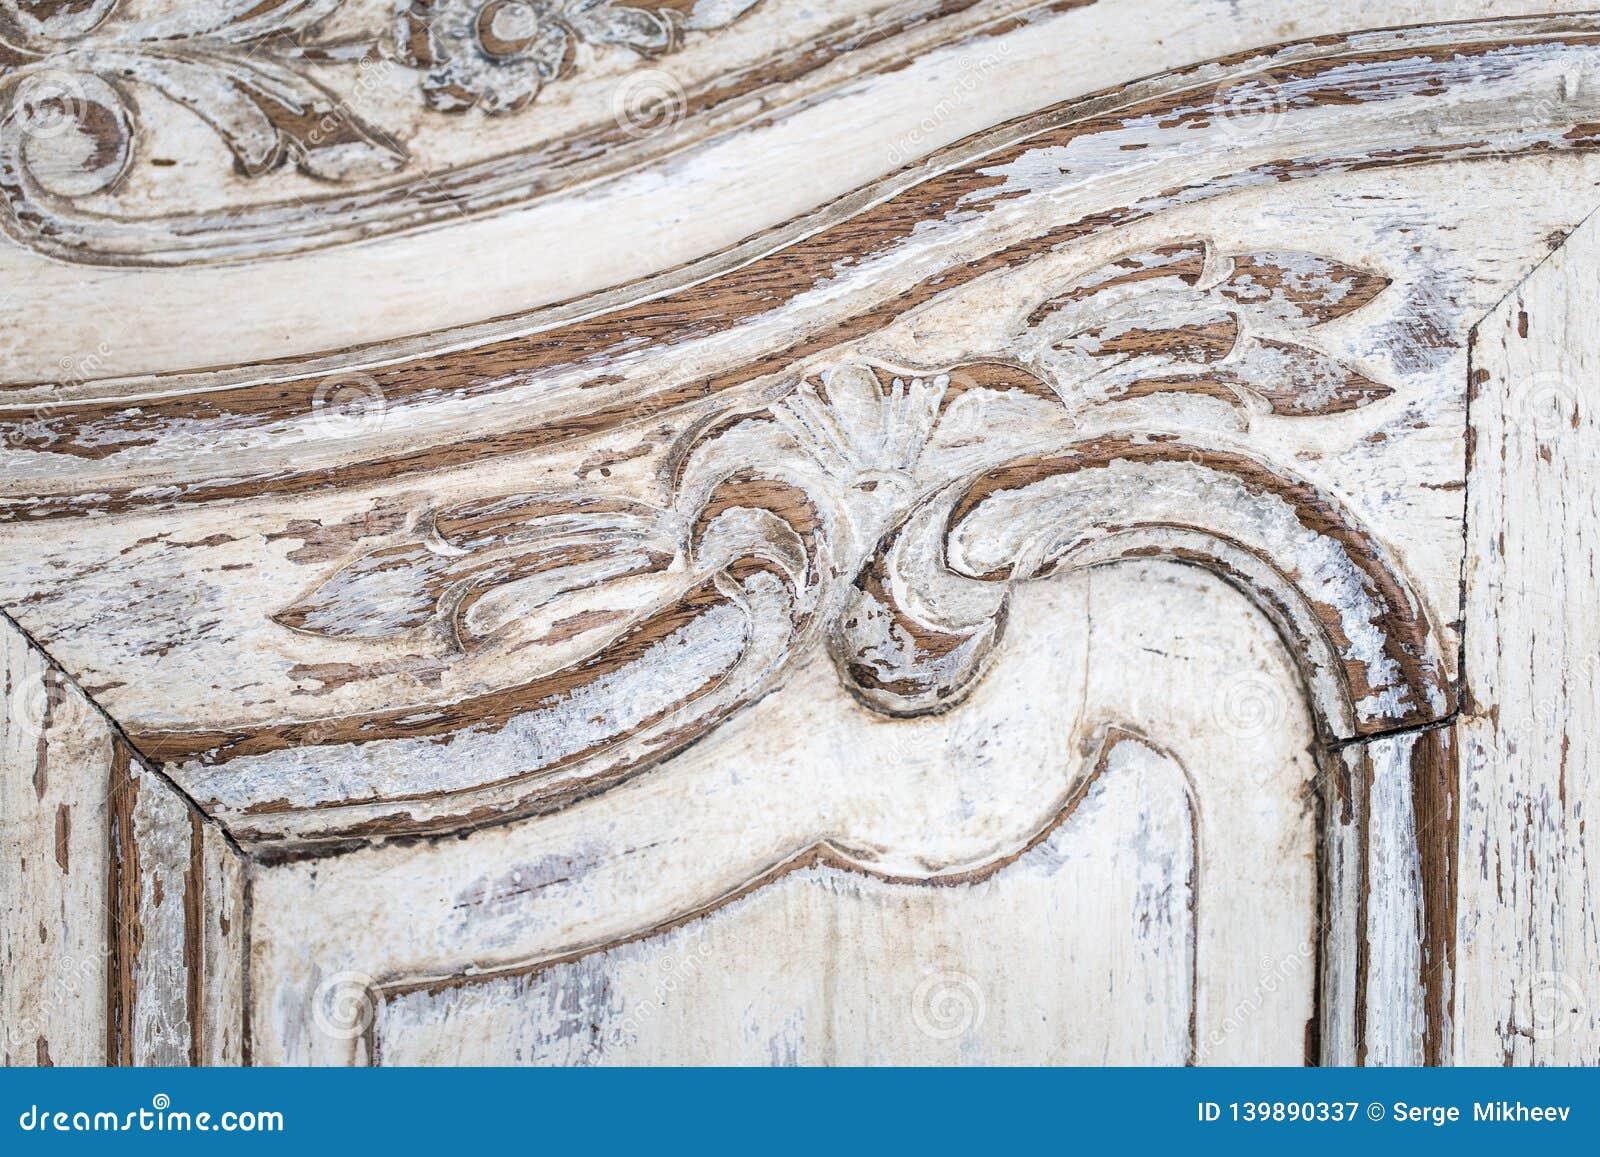 Rocznik klatka piersiowa kreślarzi z rzeźbić białego kolor z fadingiem i metal rękojeścią Zakończenie Selekcyjna ostrość